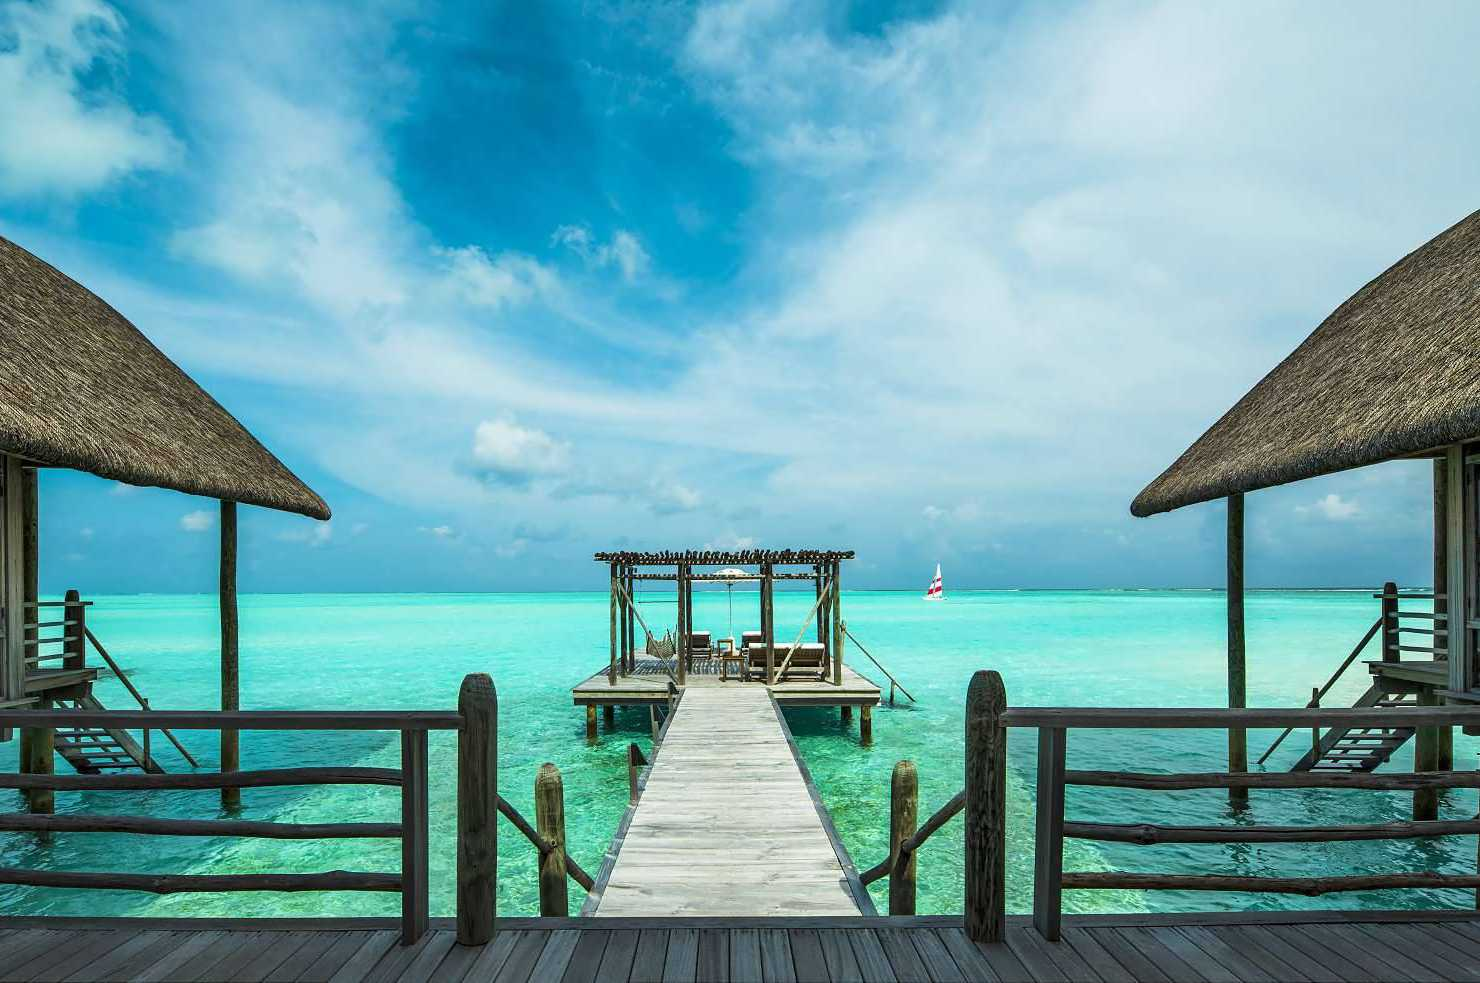 Resort holiday